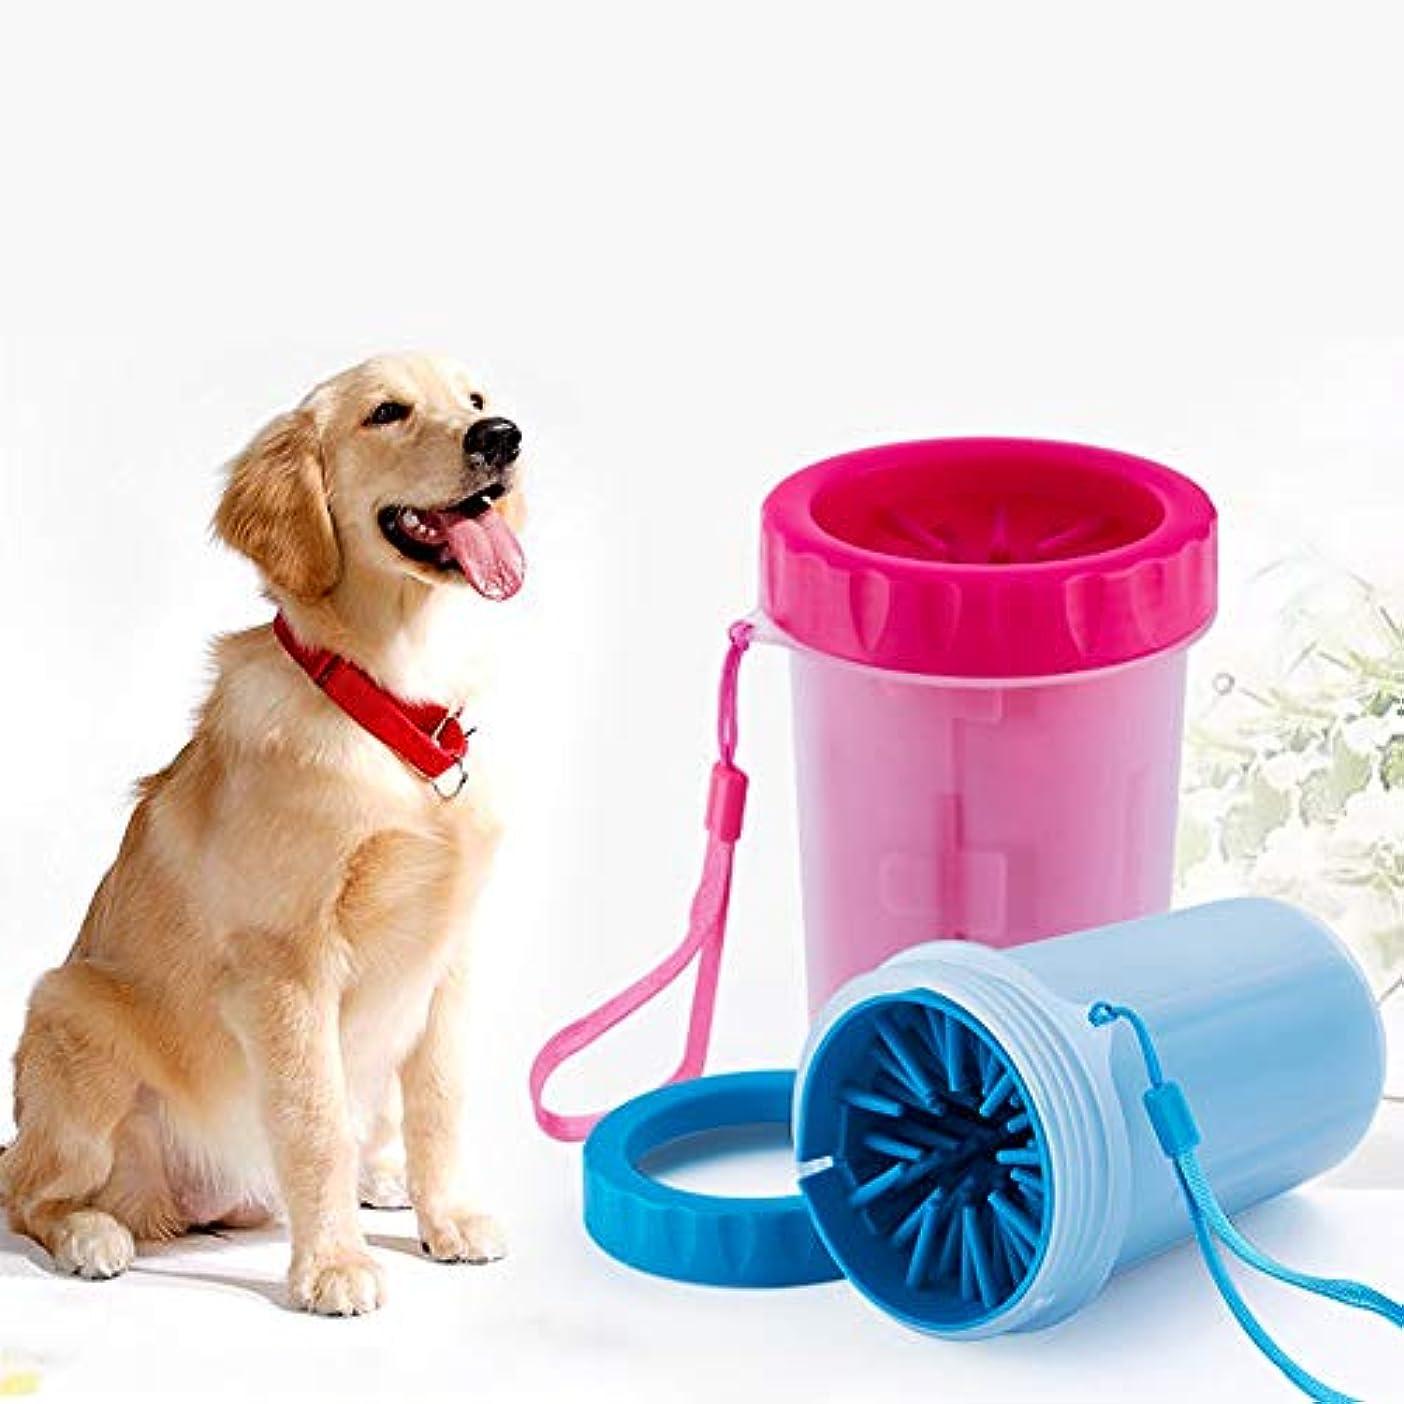 み加入メガロポリス犬 足洗い ブラシカップ 犬用品 犬足ブラシ ペット足洗い ブラシカップ ペット用品 足洗いカップ  足クリーナー マッサージクリーナー  洗浄カップ 犬 猫   小型犬 中型犬 大型犬 2色(S/L) ブル L